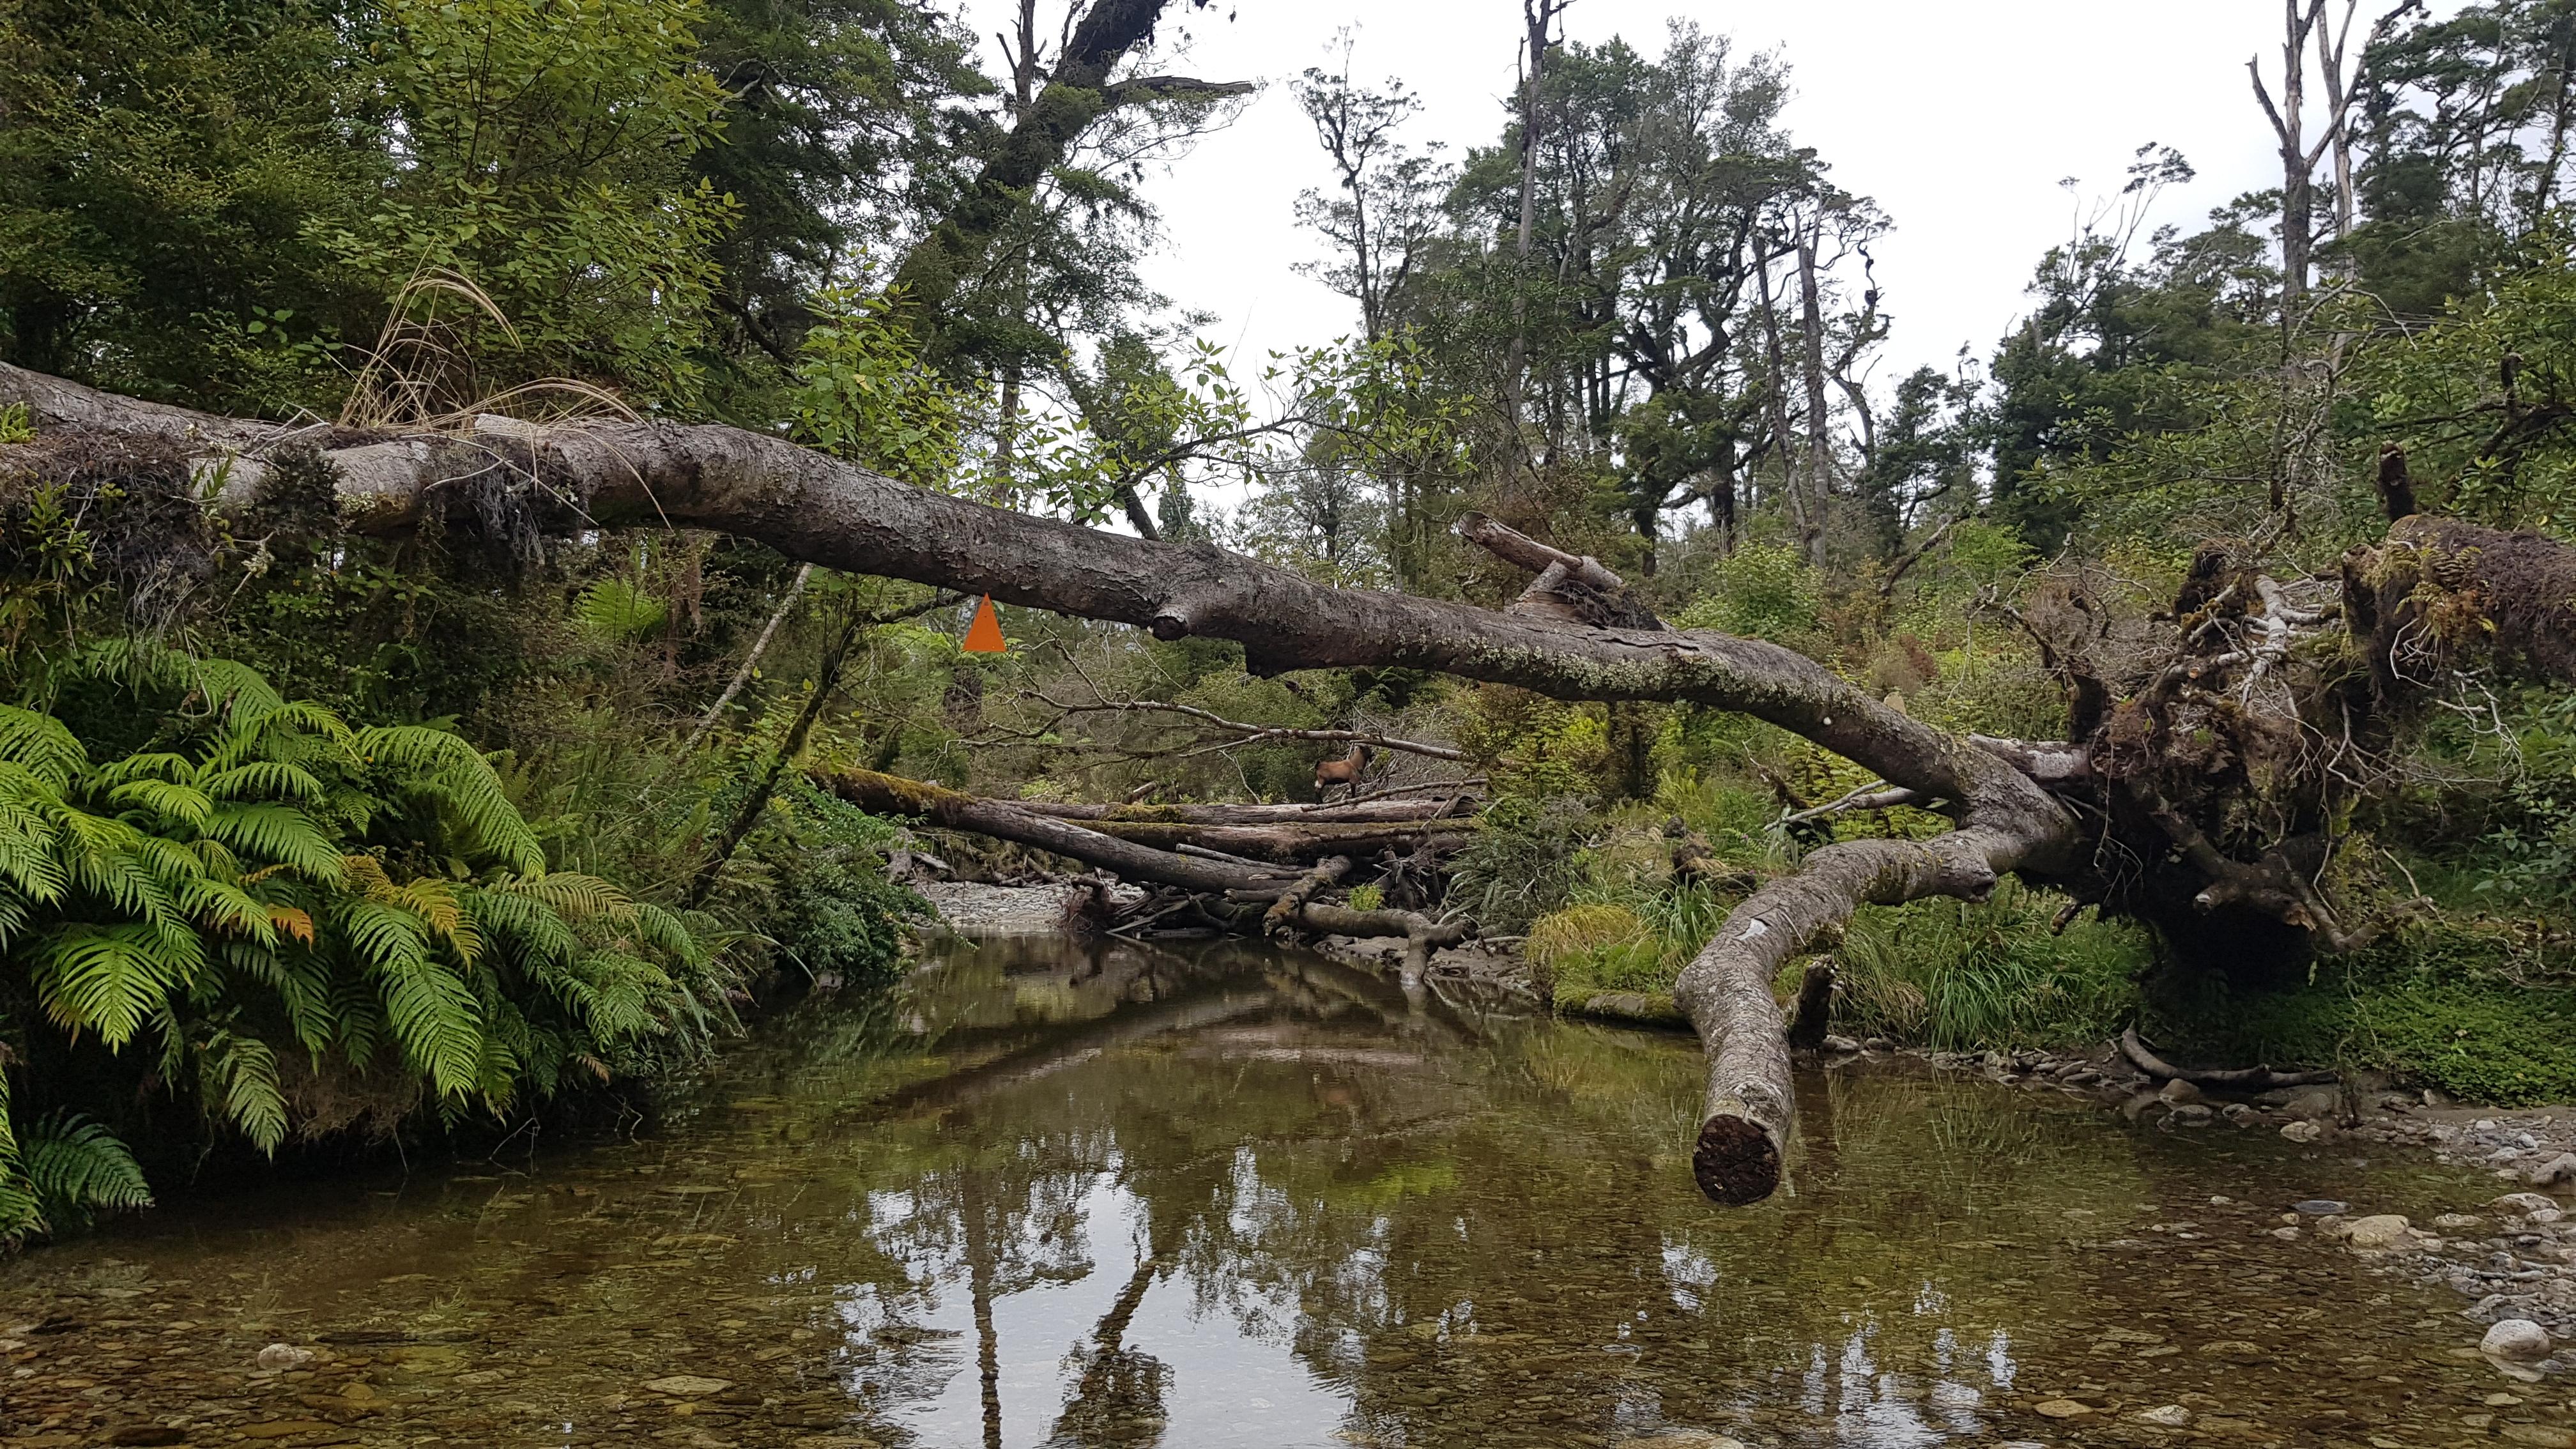 Treefall in Fossil Creek